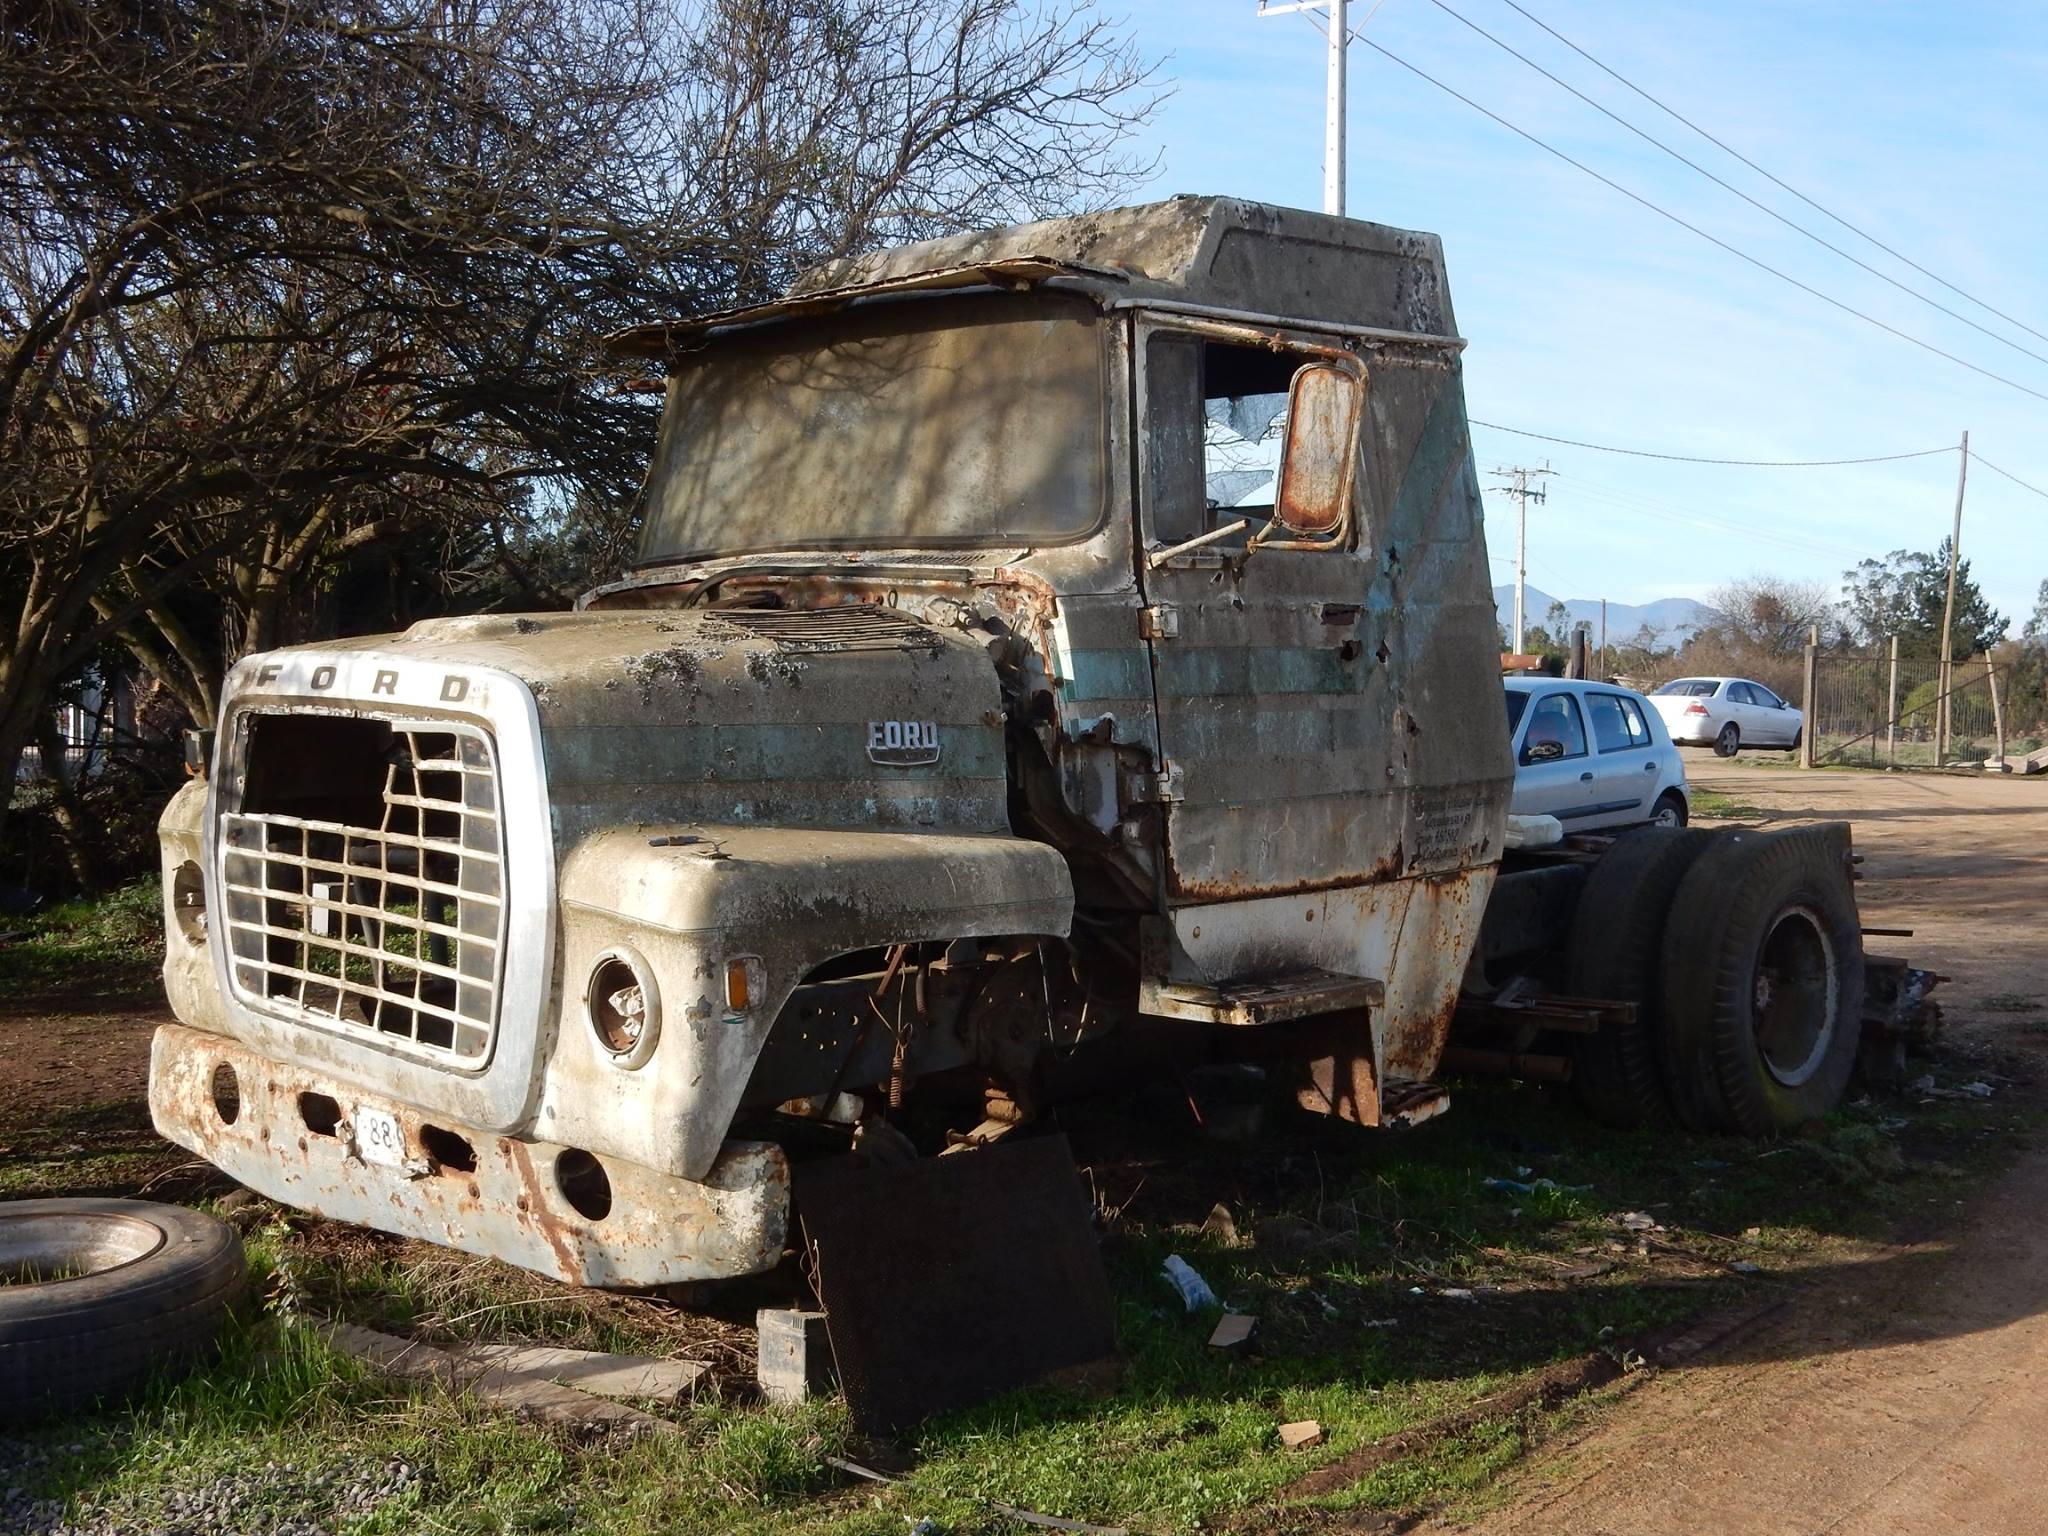 Camiones-vieja-escuela-olvidados-97